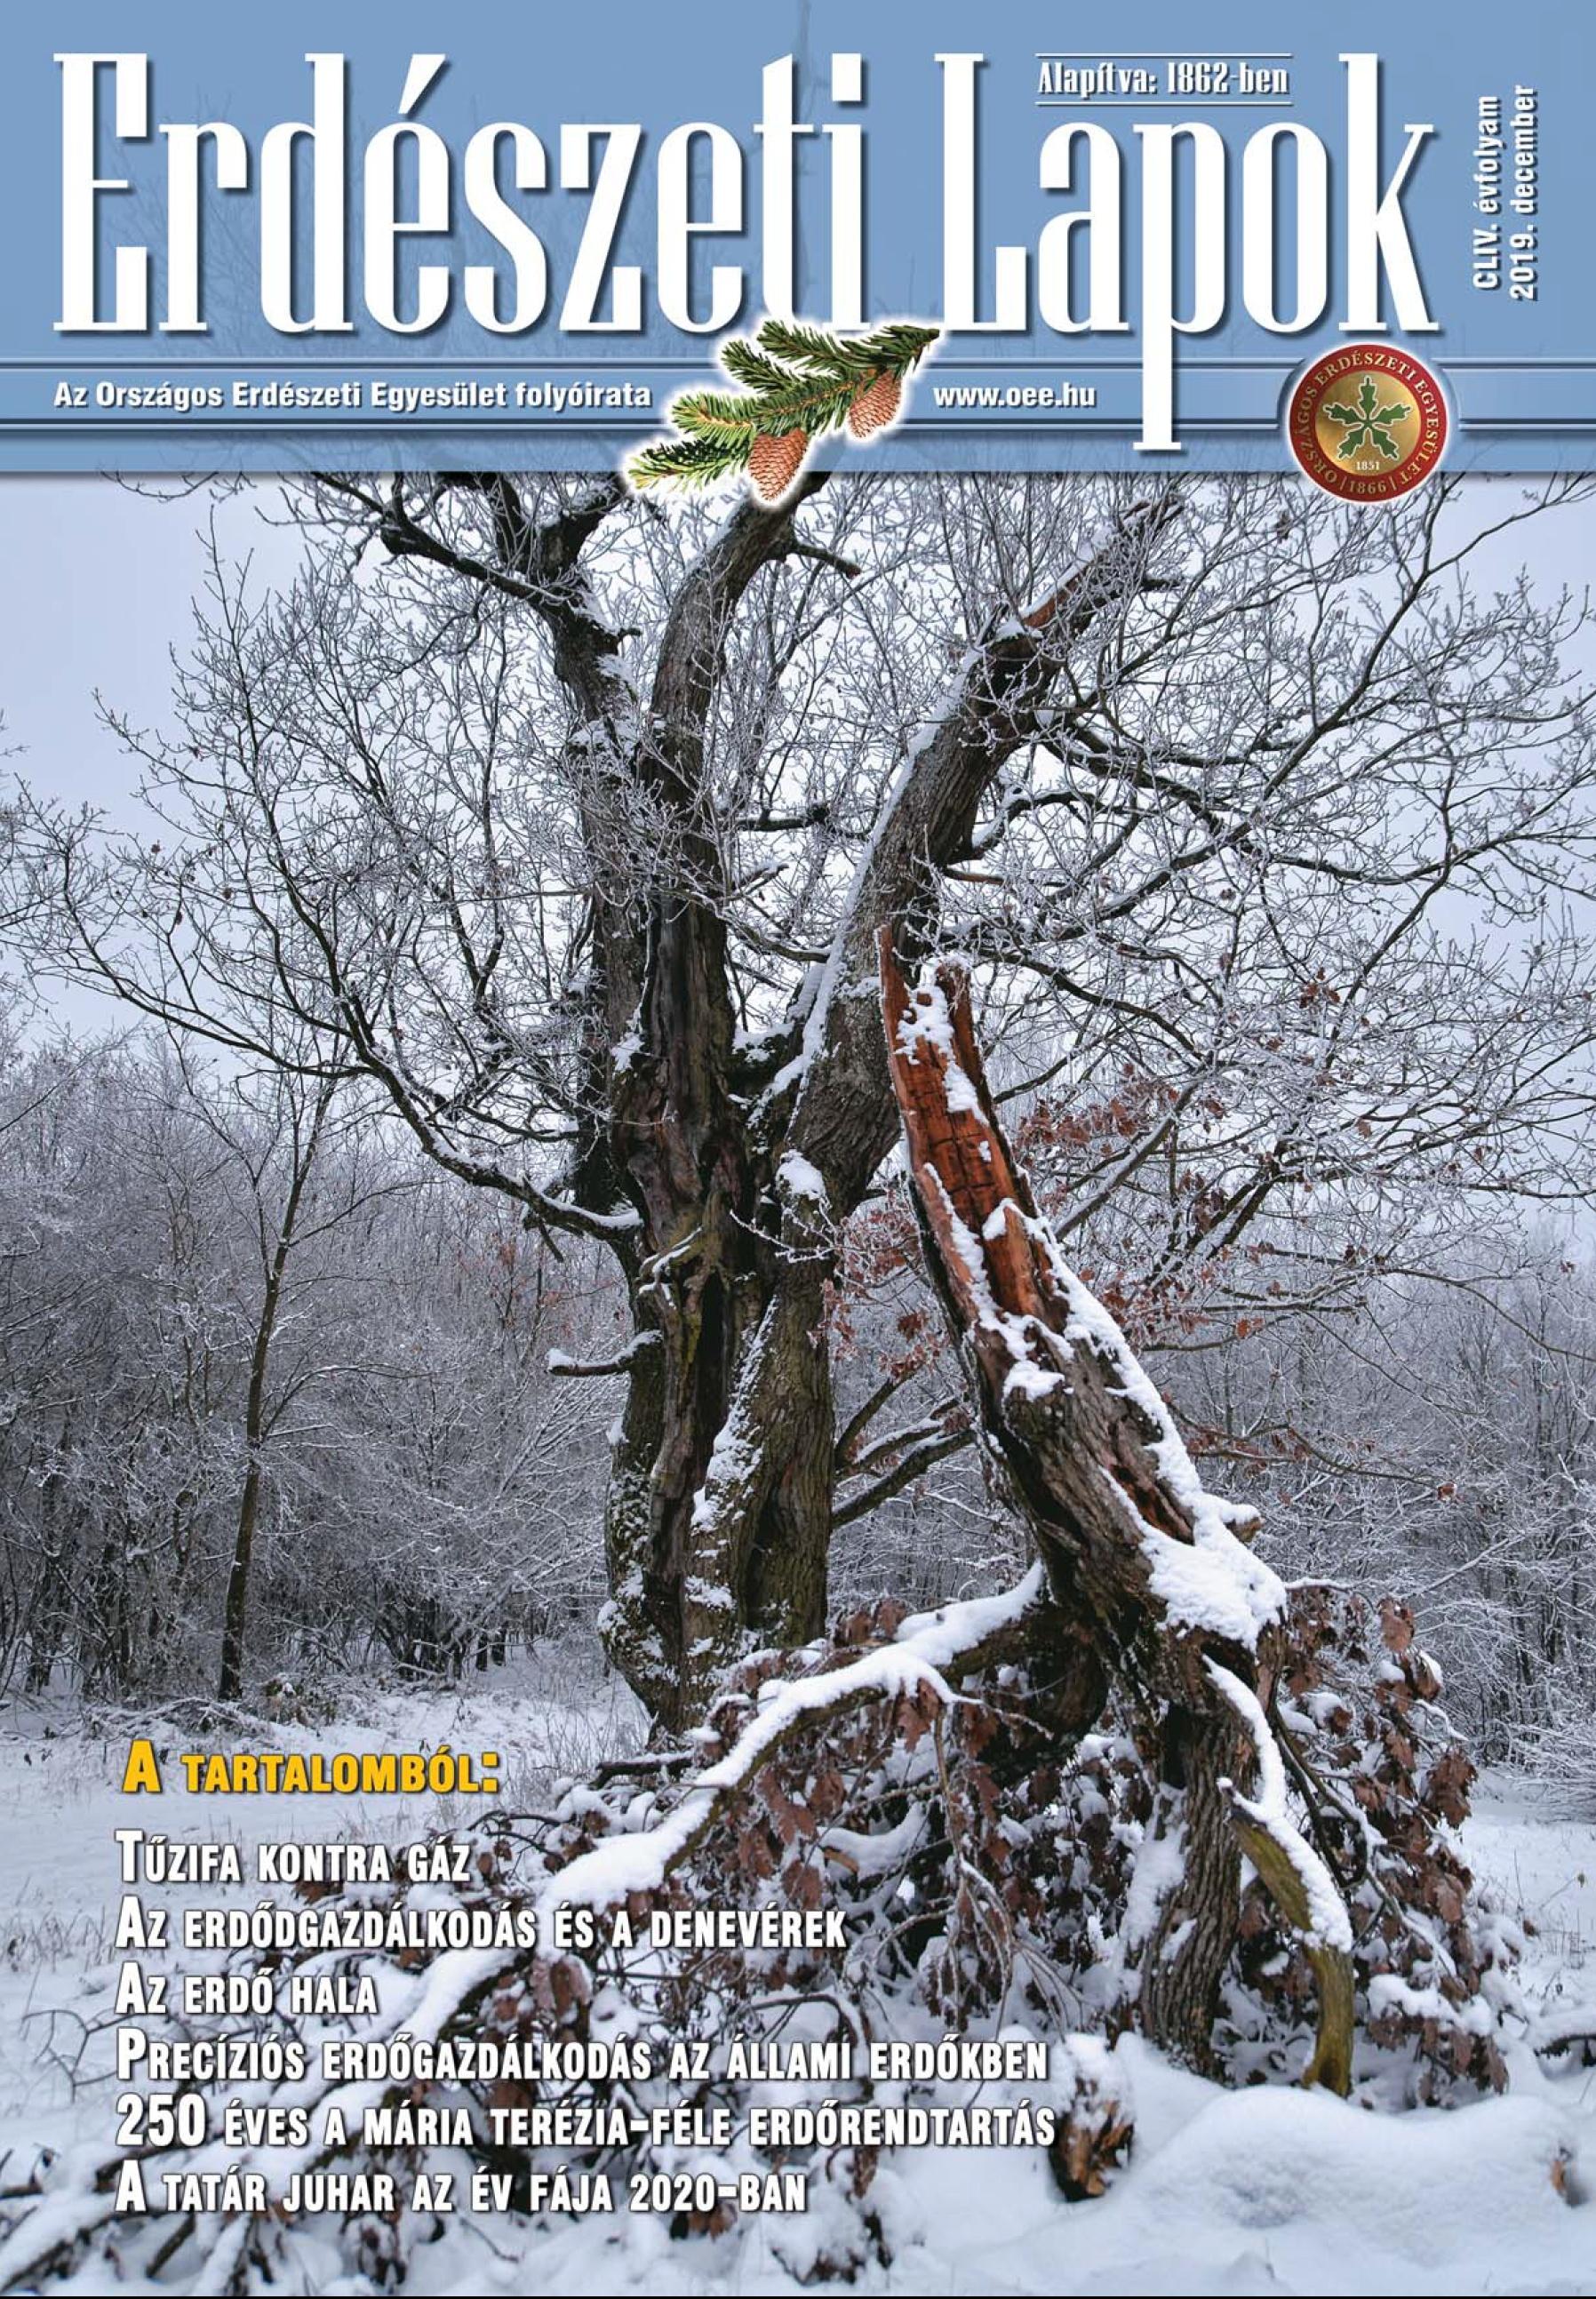 Erdészeti Lapok 154.évfolyam 2019. december